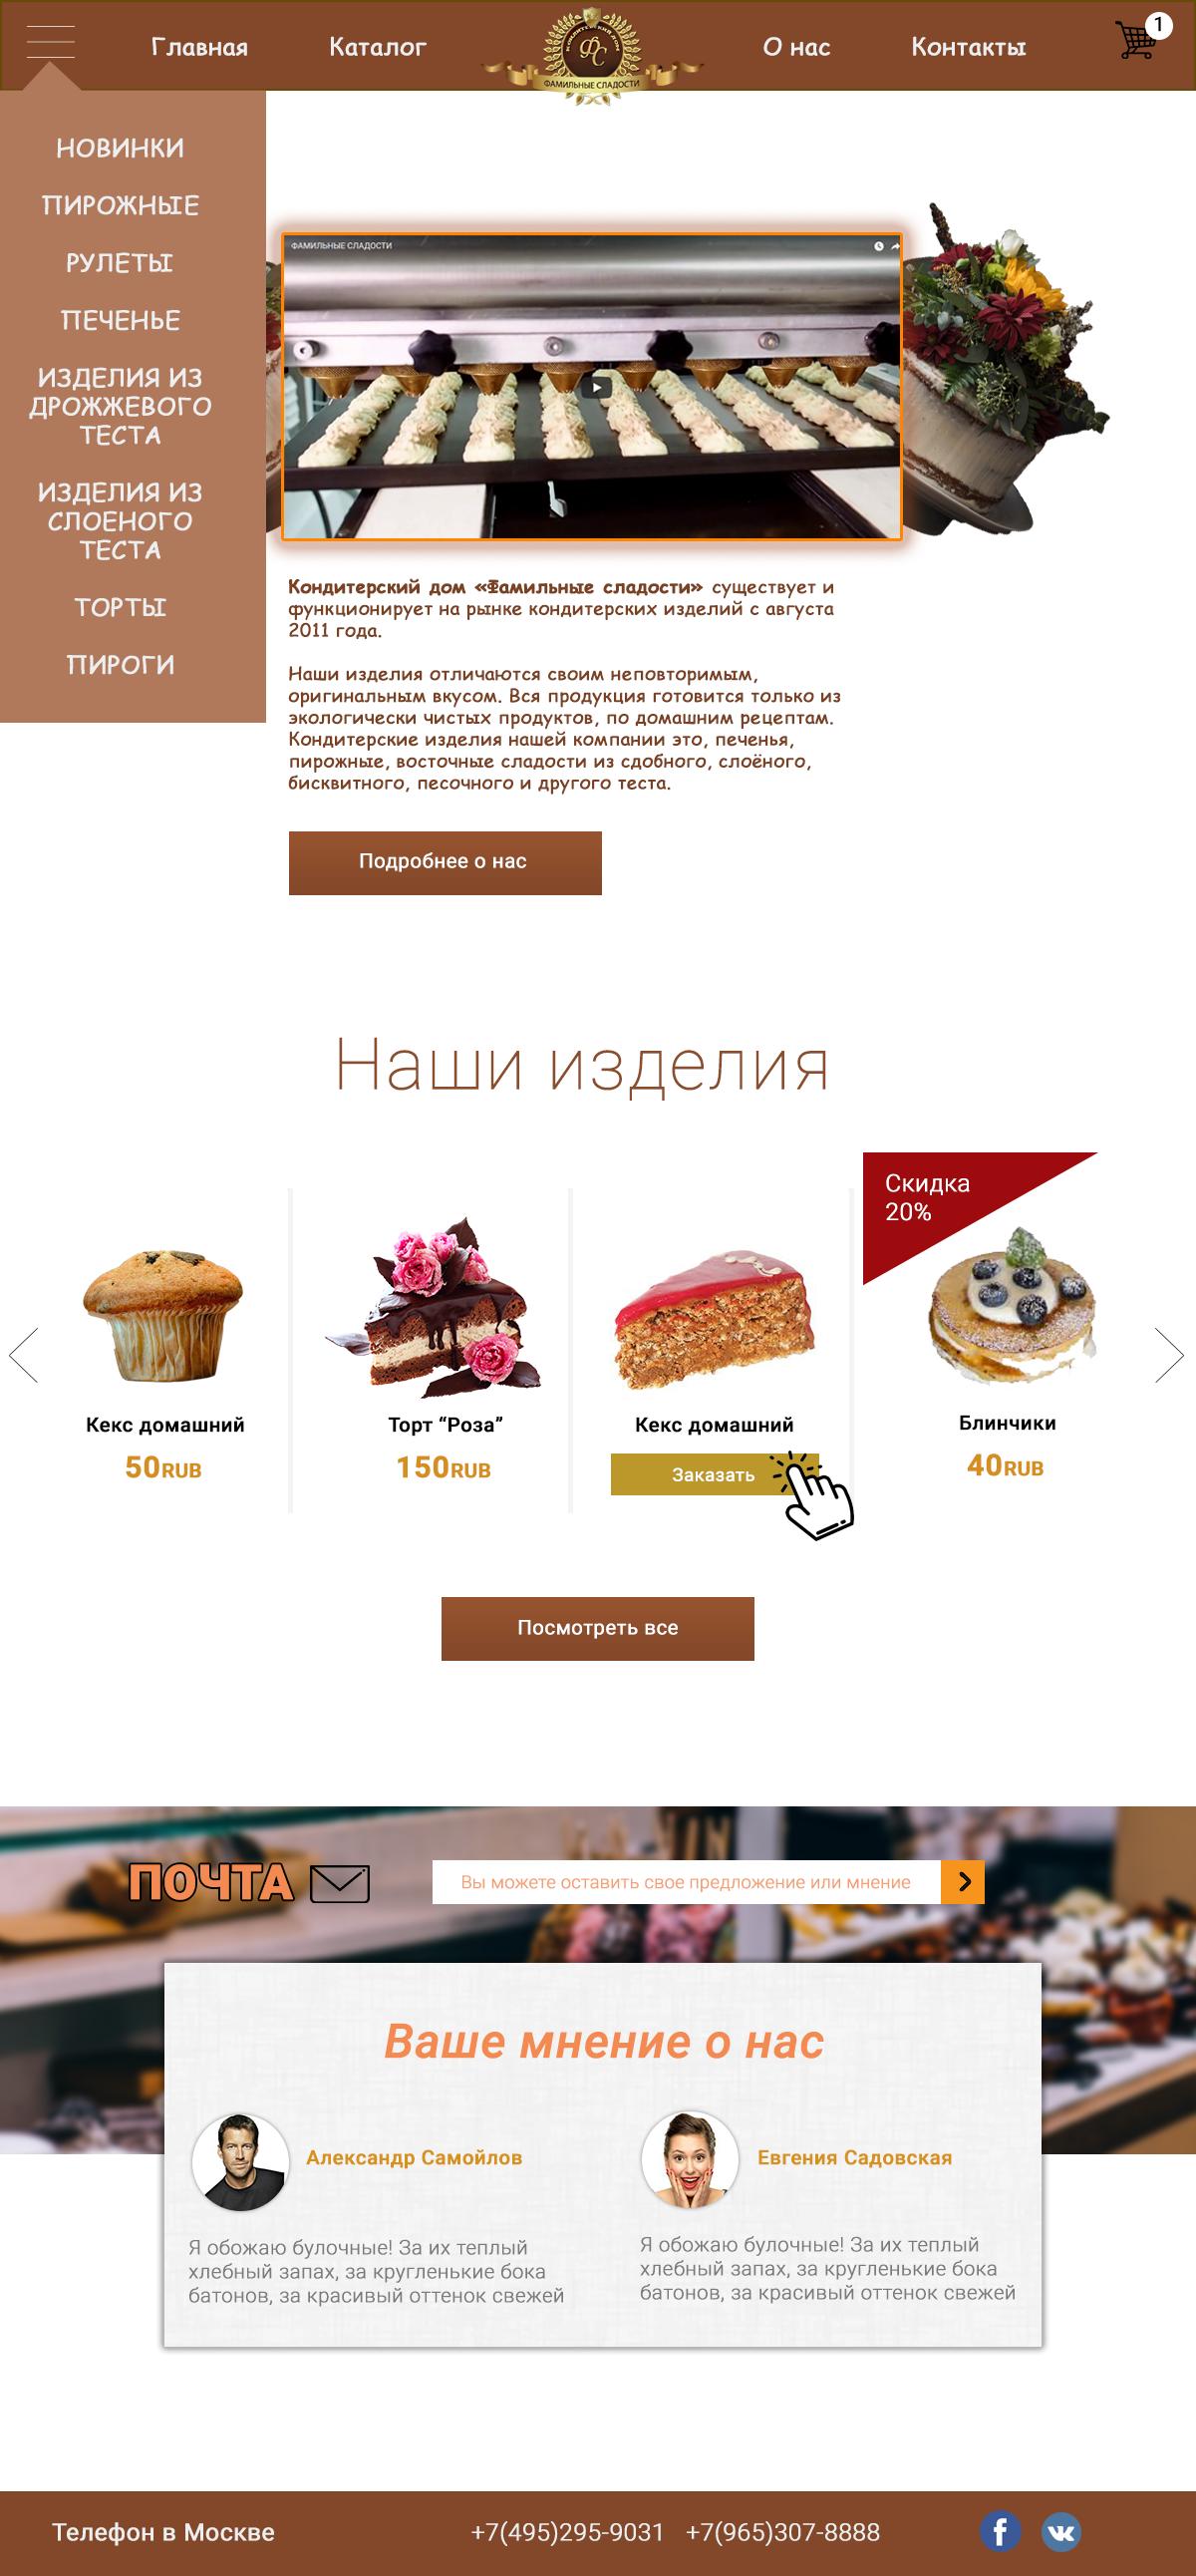 Редизайн главной страницы сайта кондитерского производства фото f_2395aa2bc79d1fd8.png